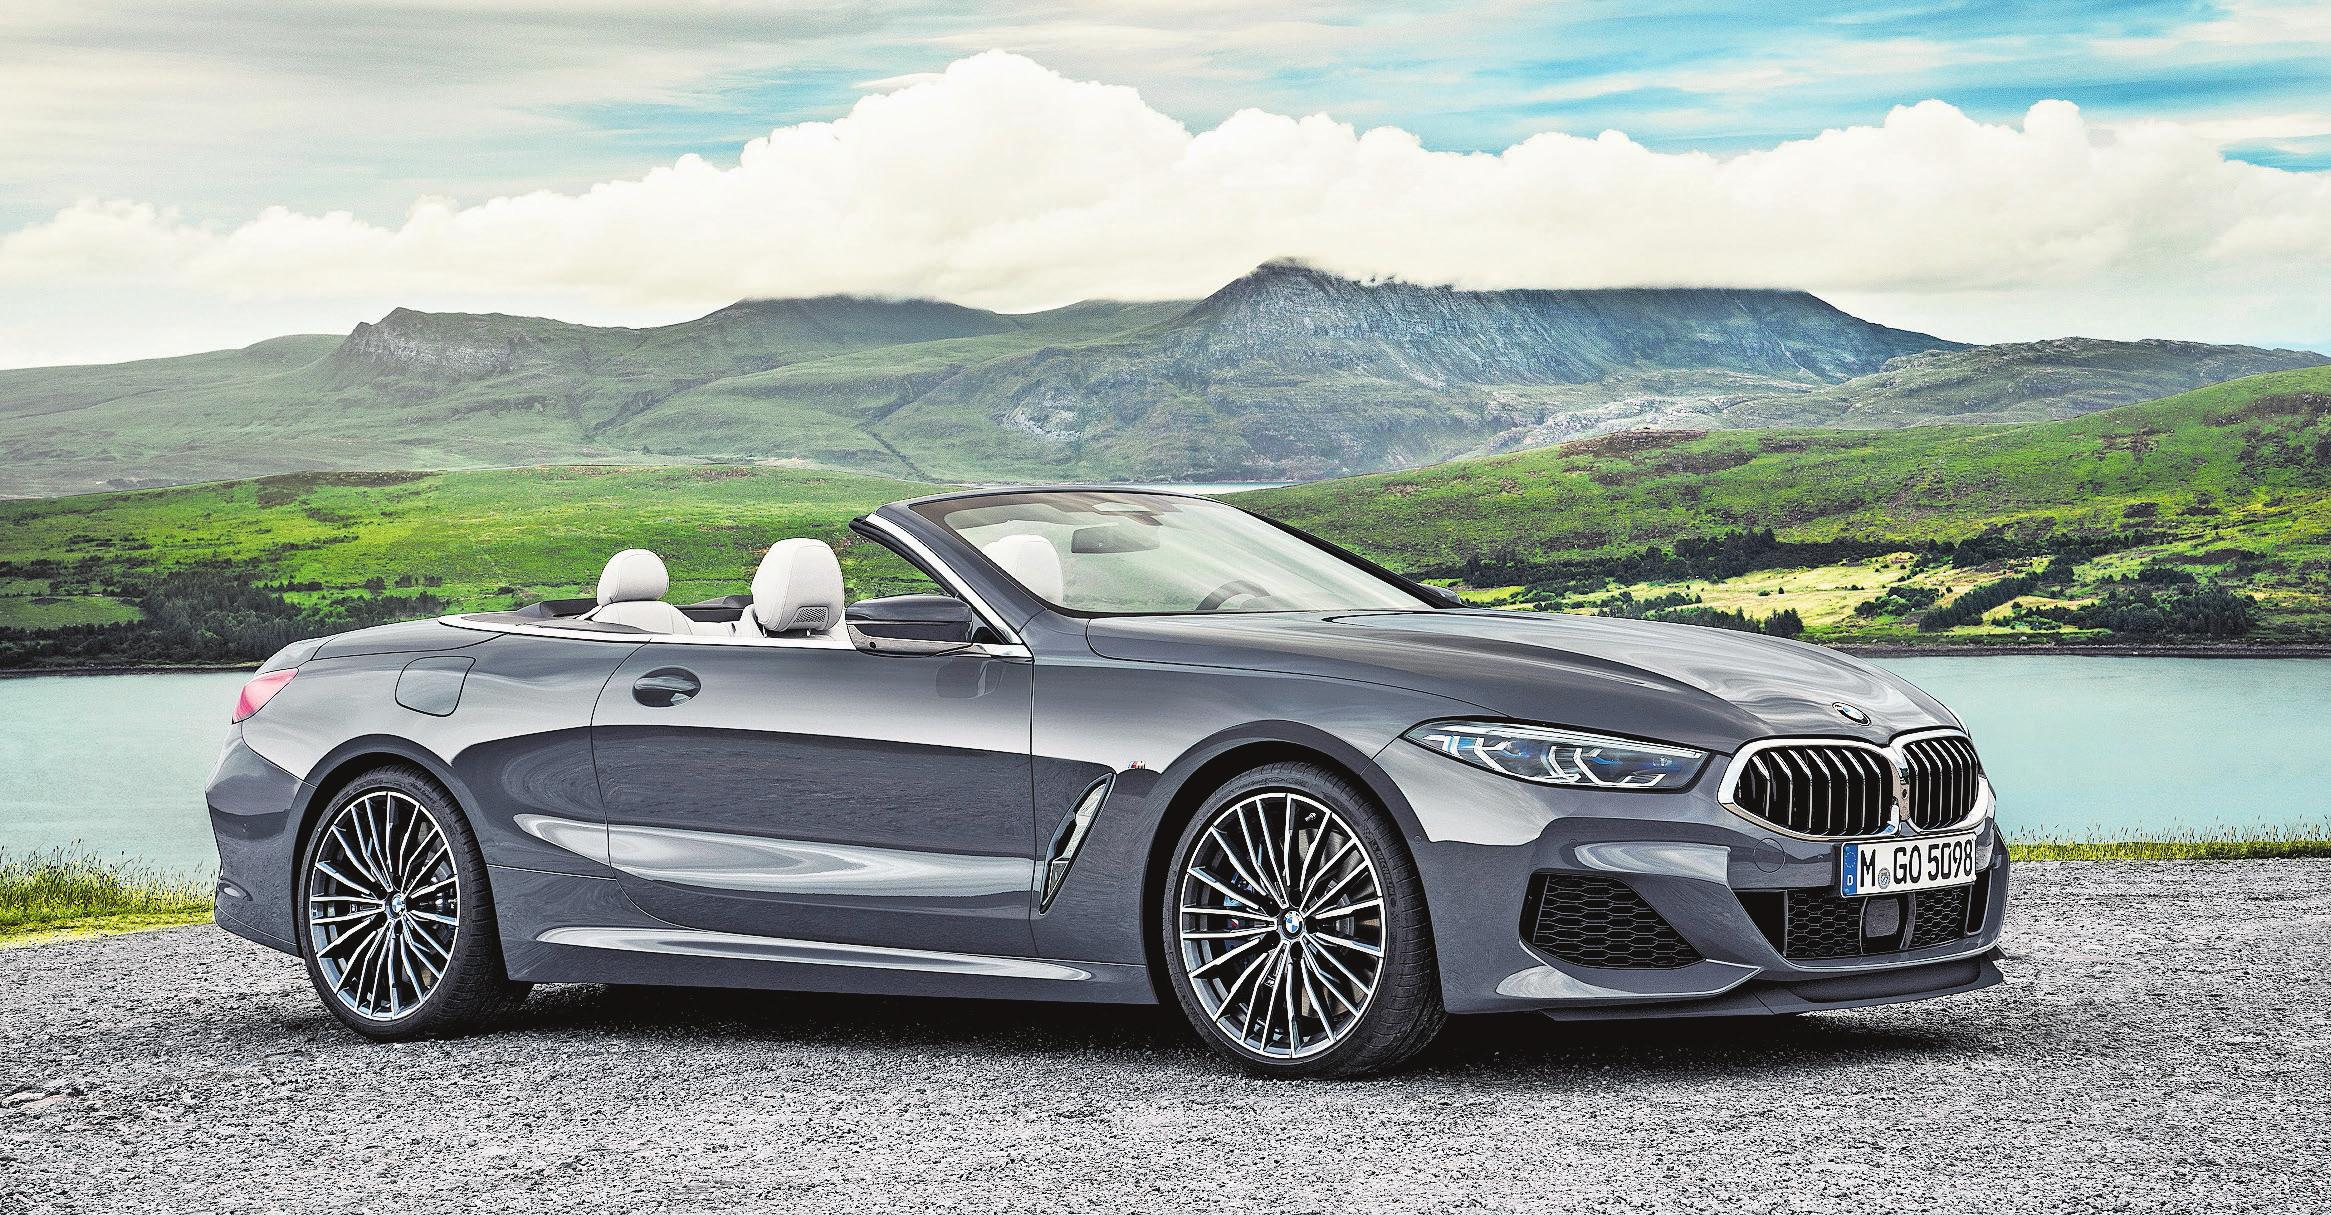 Trotz seinen 2,1 Tonnen Gewicht und seiner Grösse fährt sich das BMW-Cabrio erstaunlich leichtfüssig. Bilder: PD